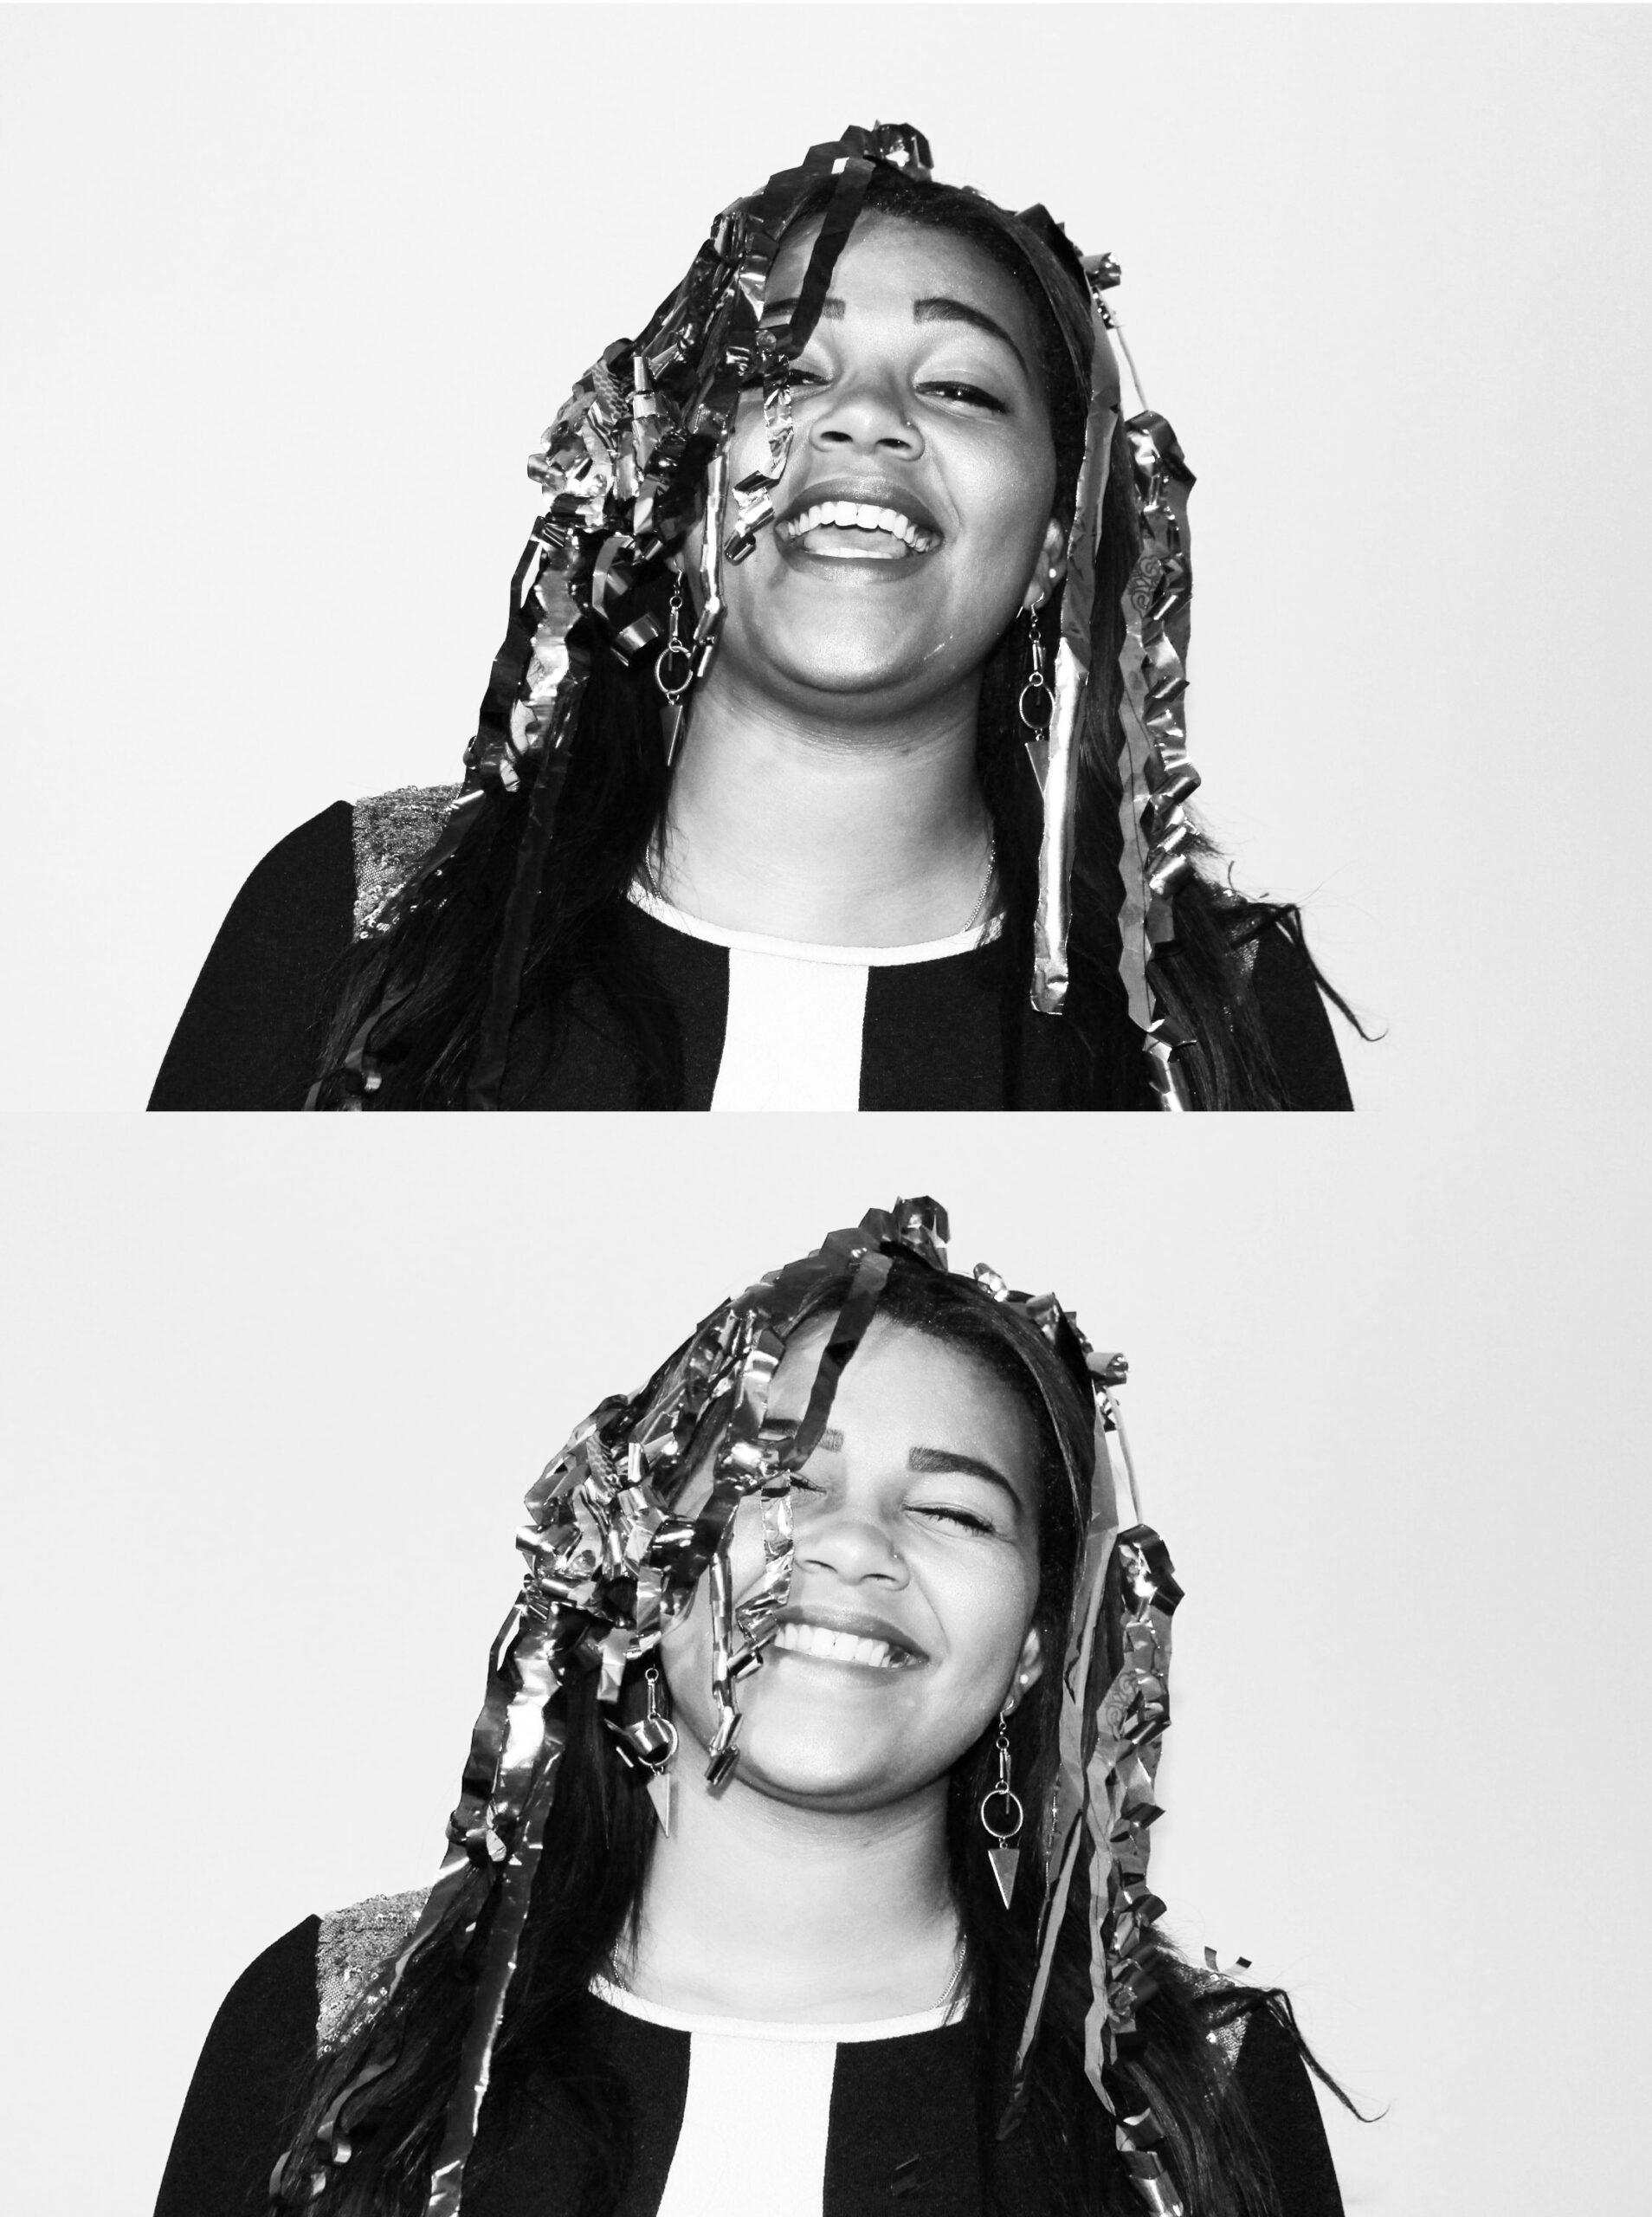 Louise Smiling